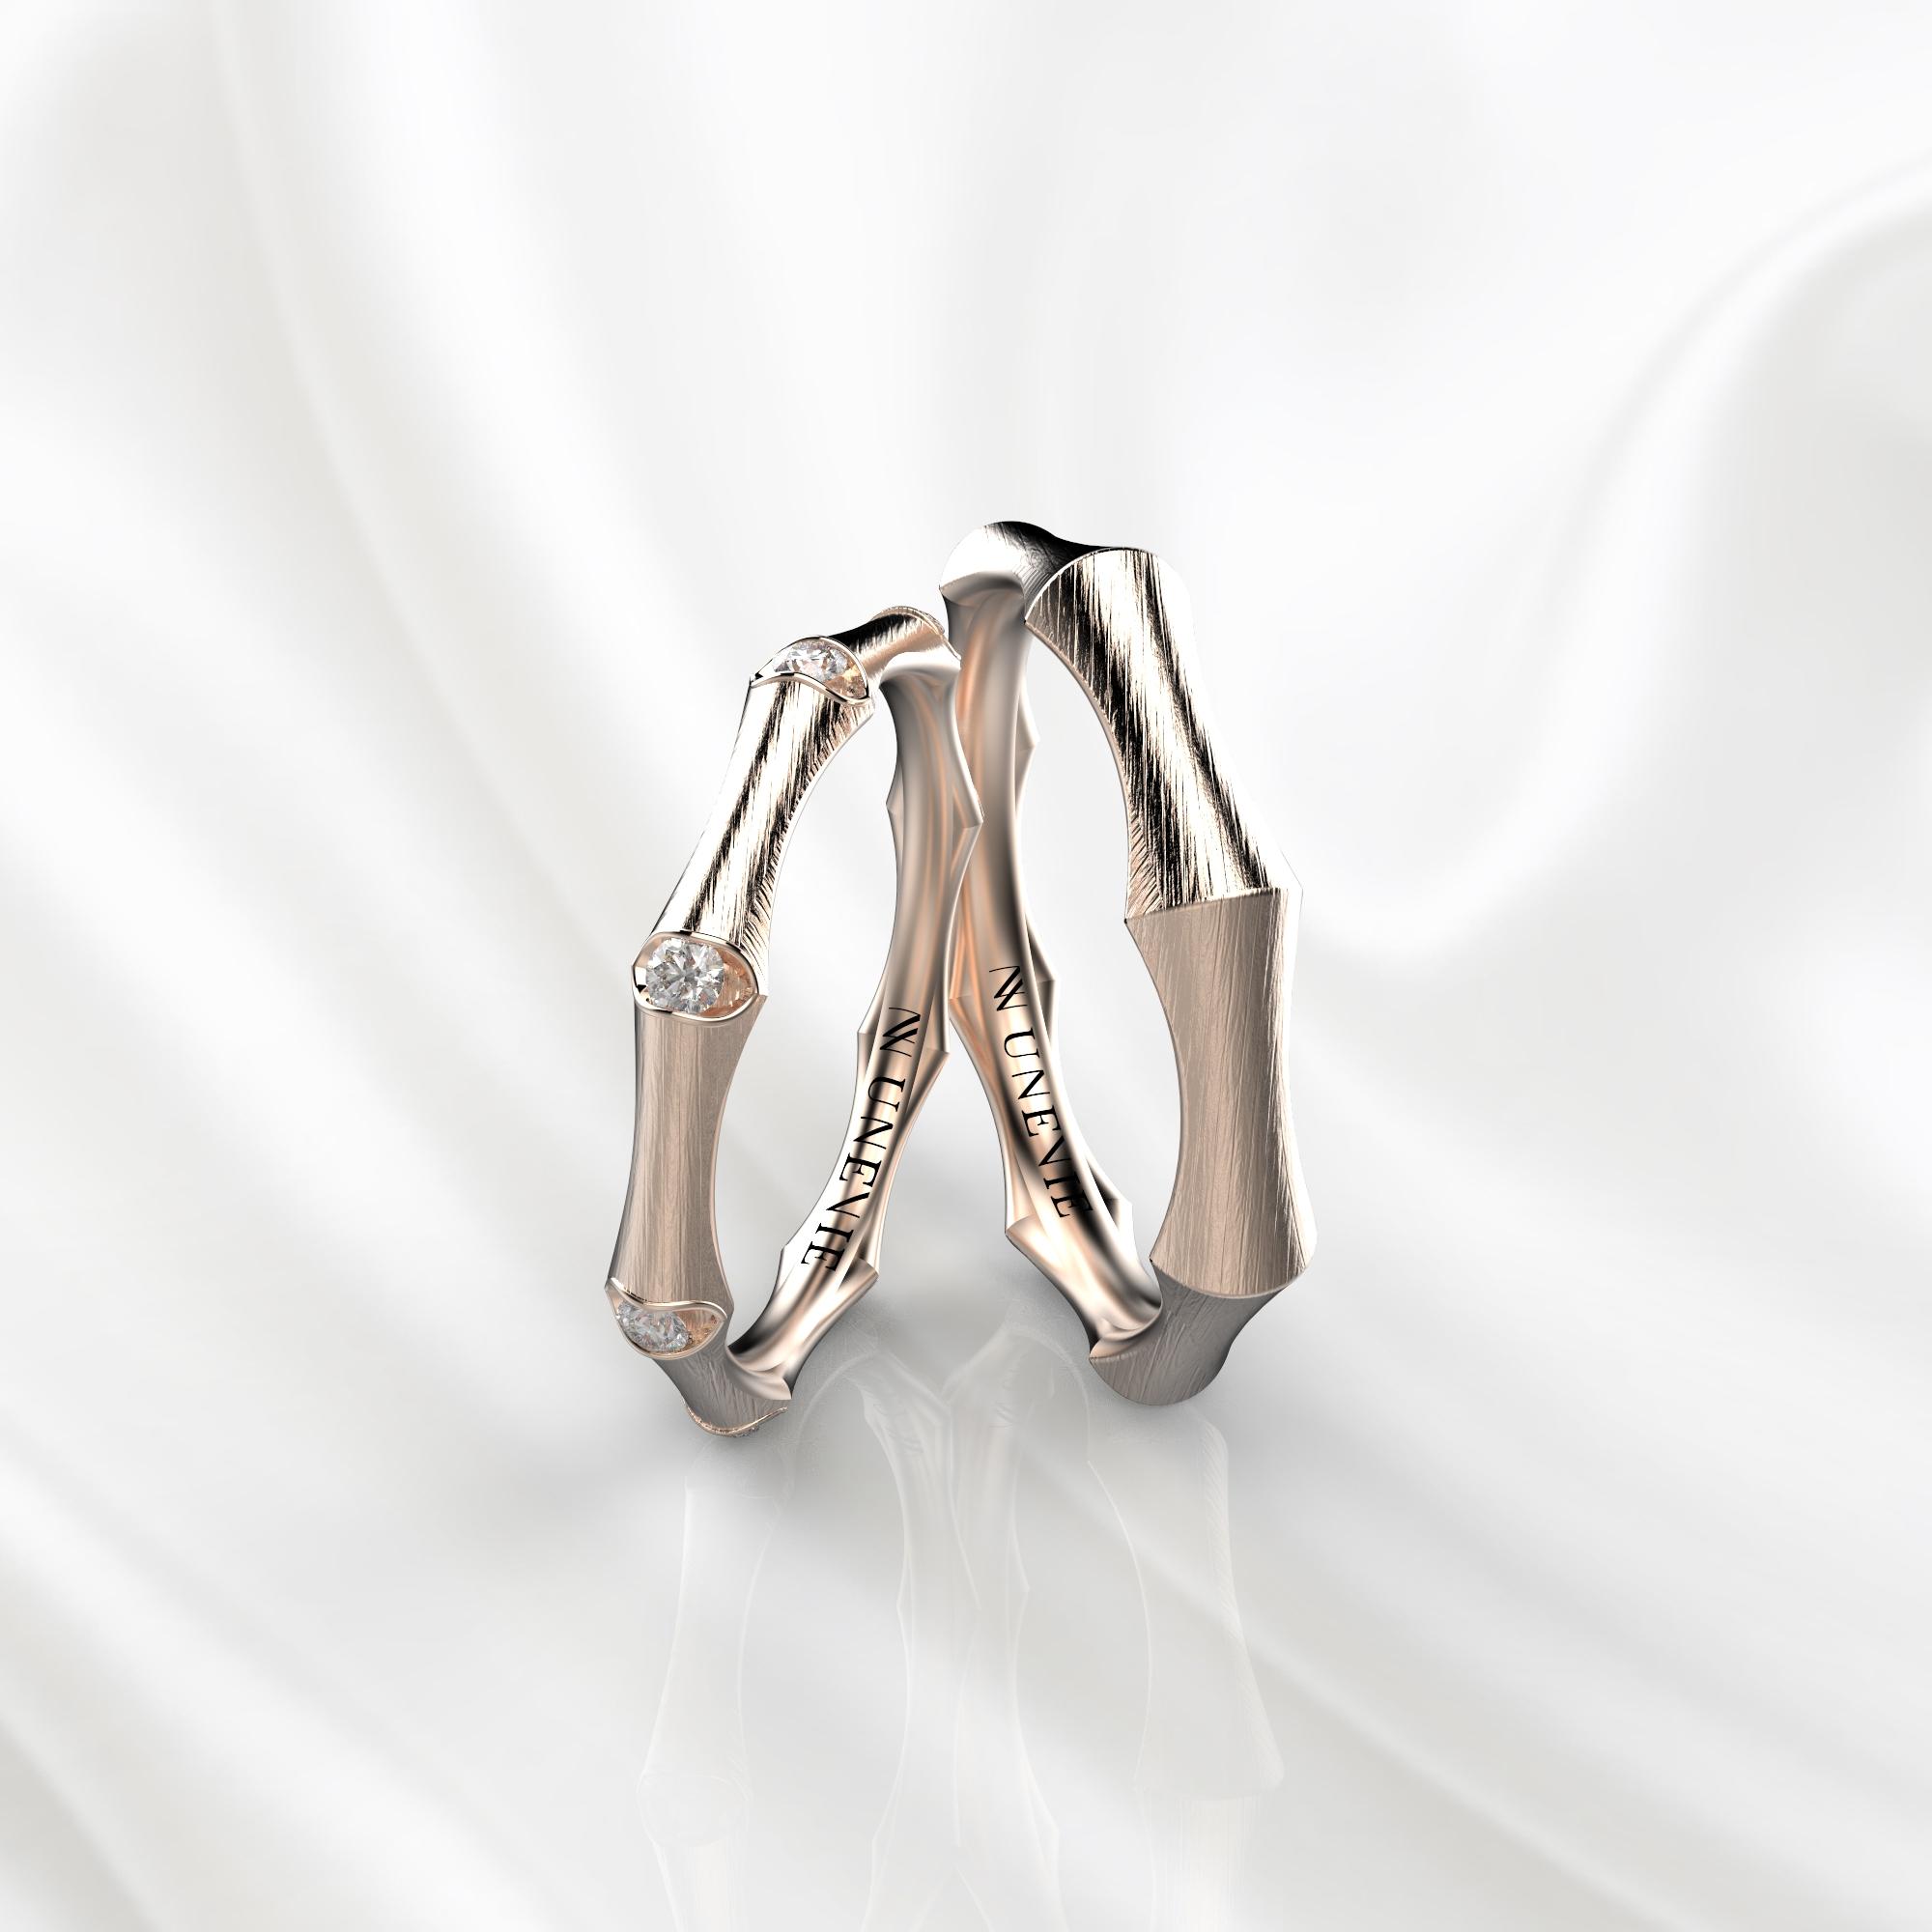 NV49 Парные обручальные кольца из розового золота с бриллиантами